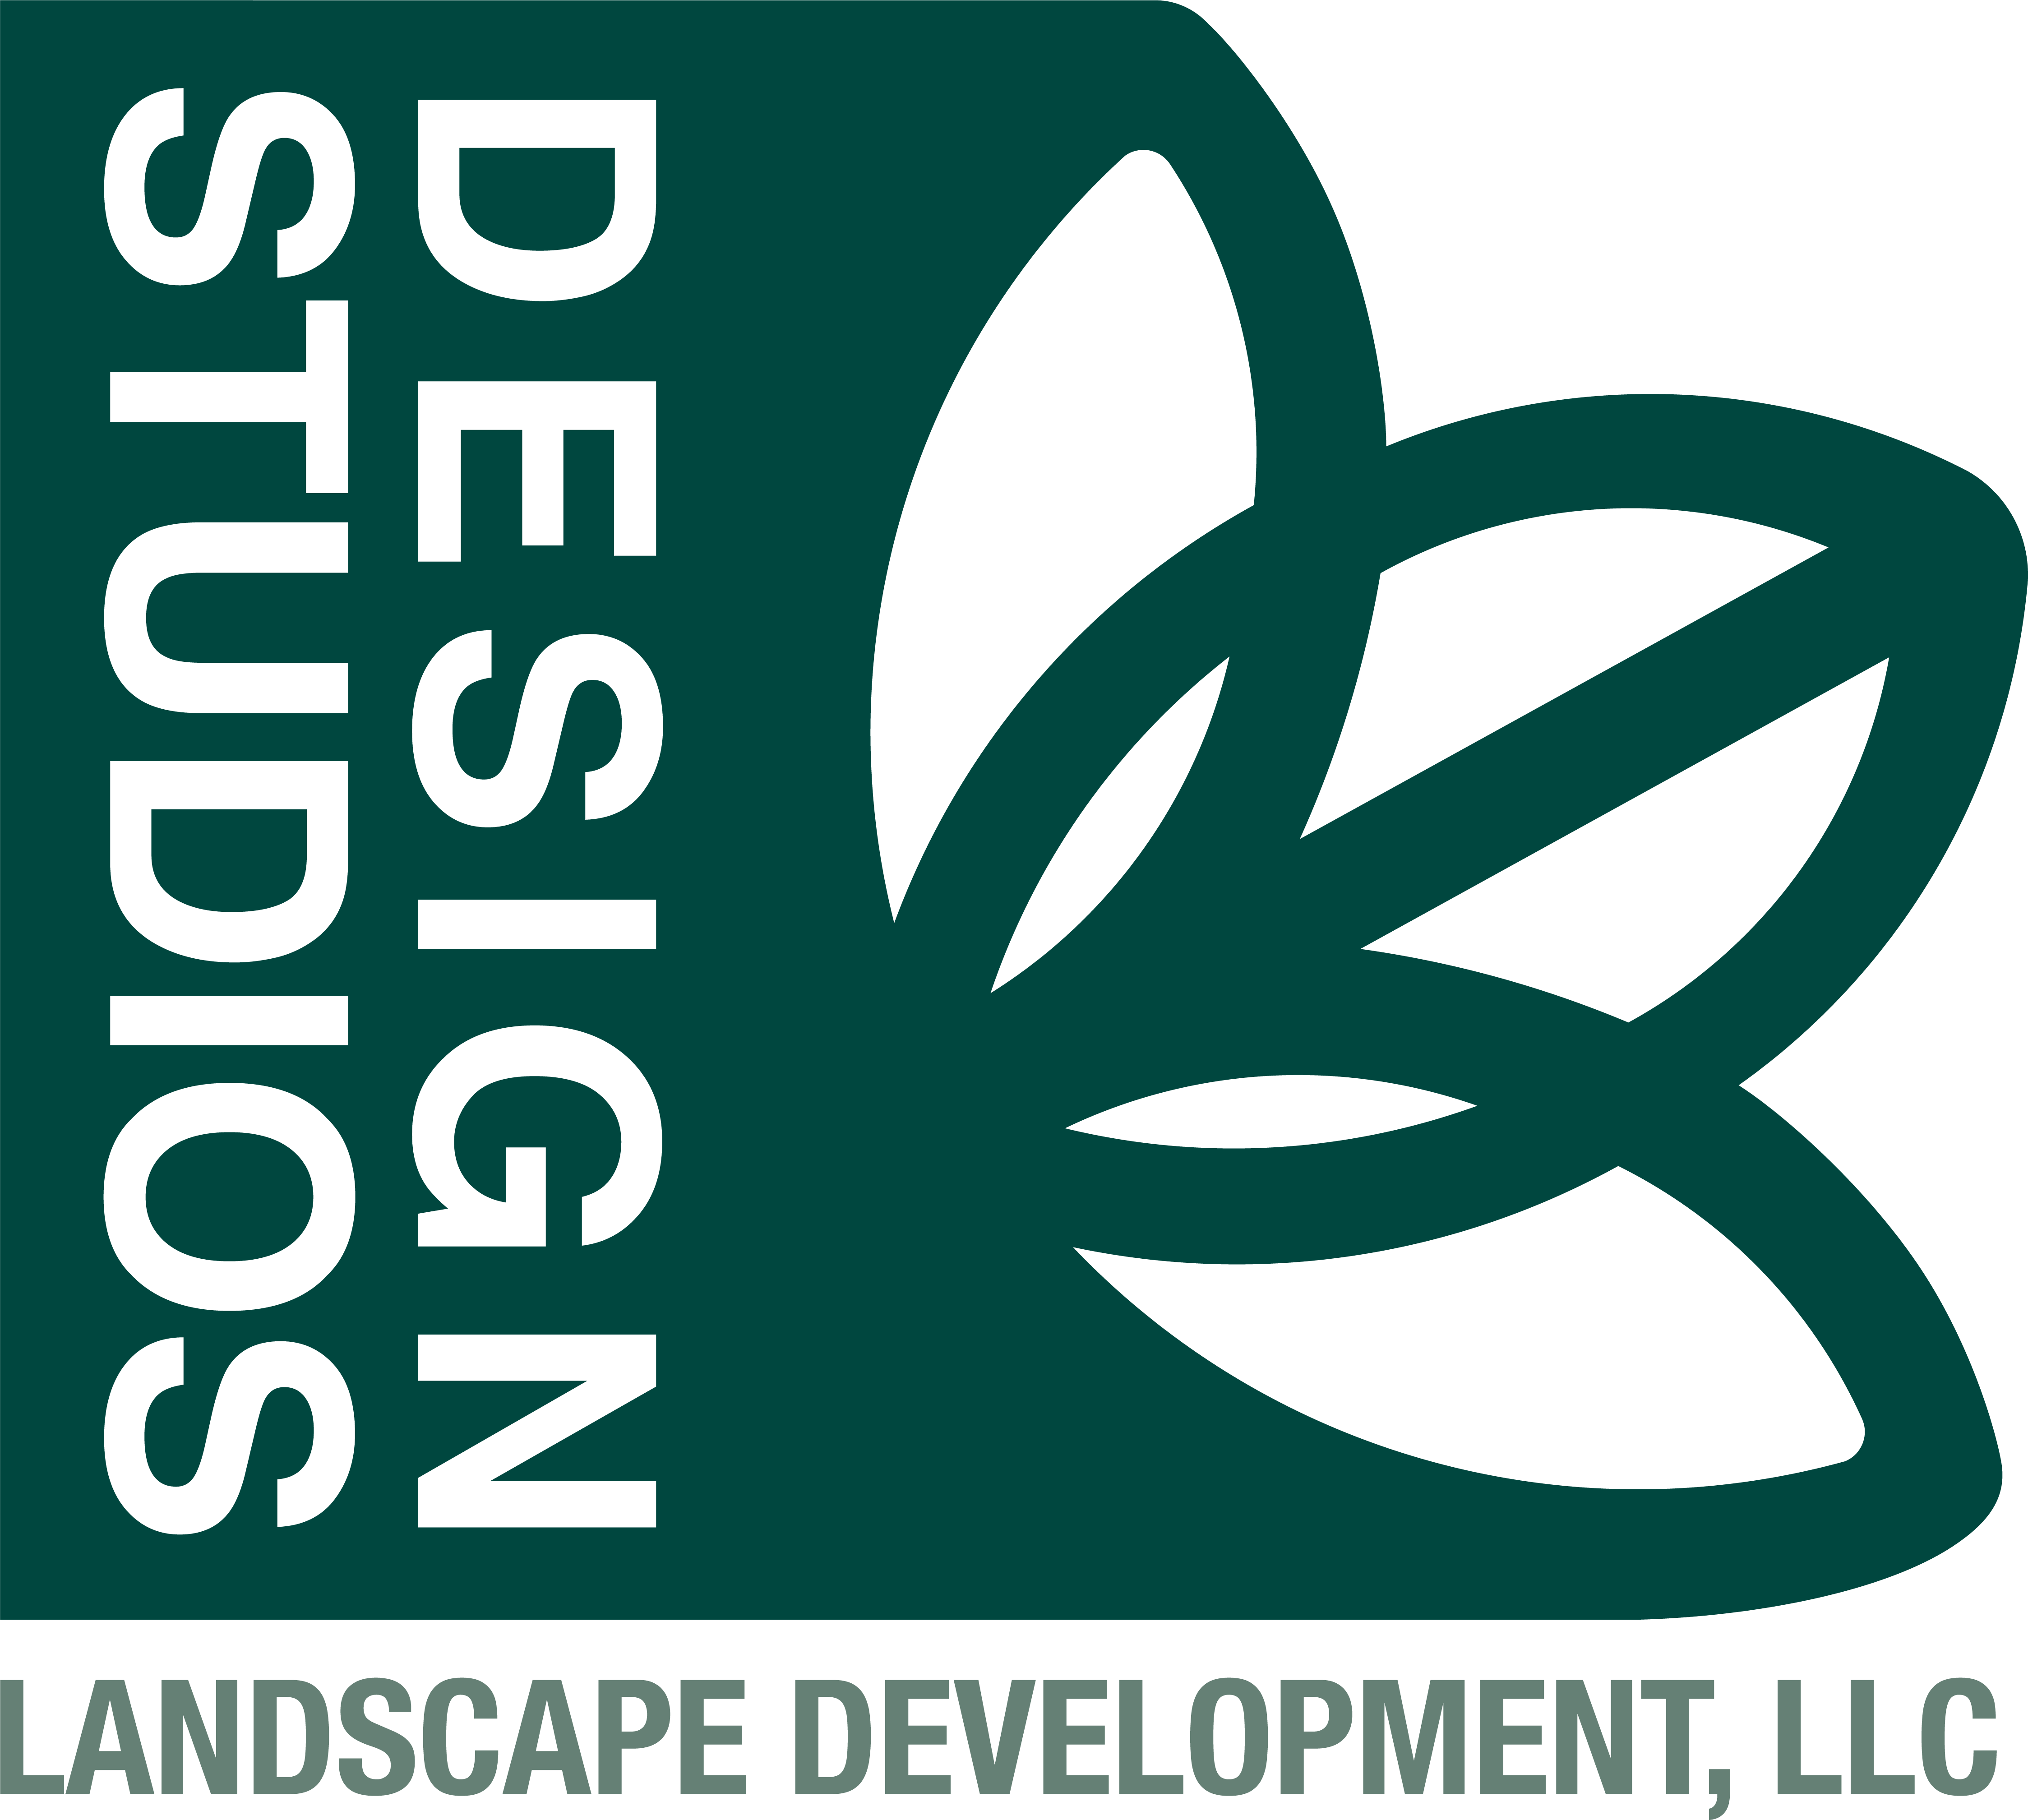 DesignLogoDkGreenLtGreen